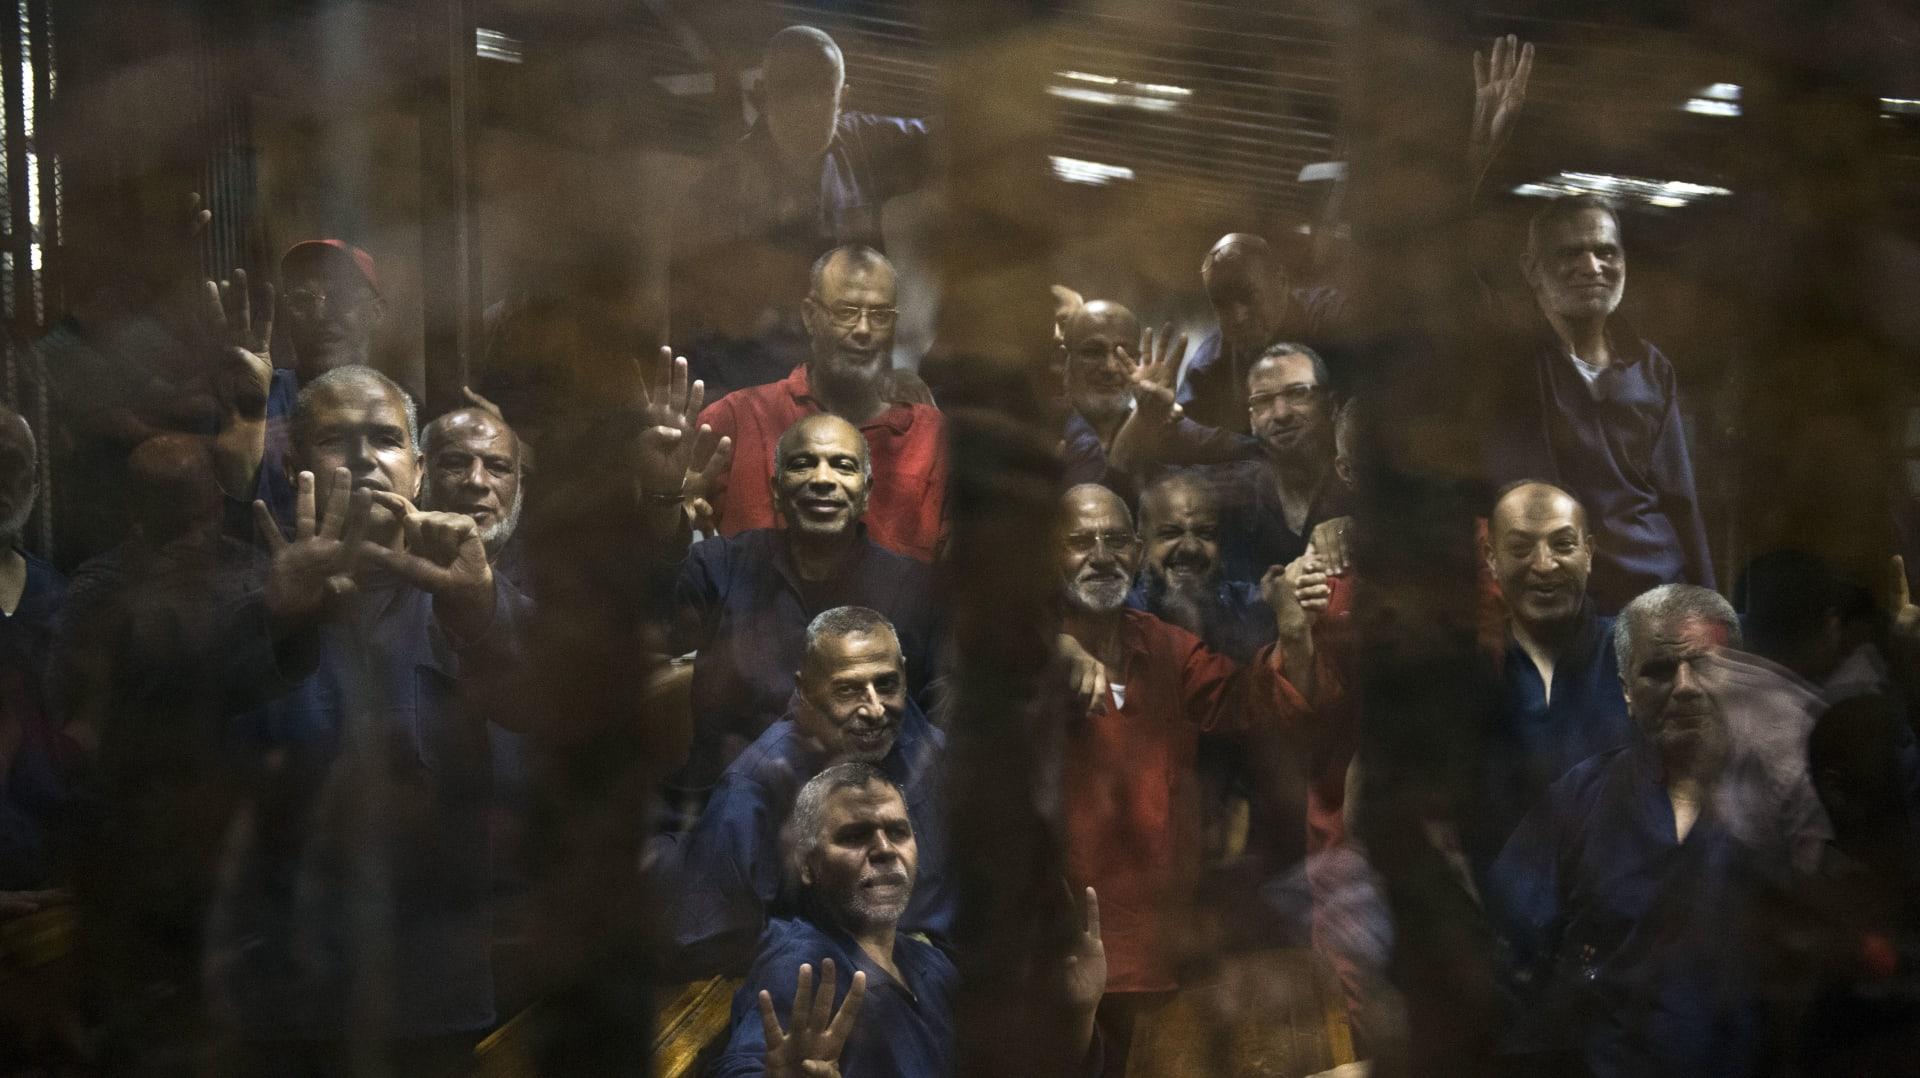 """الإفتاء المصرية: """"الإخوان"""" جماعة إرهابية لن تهزم وطنا عريقا كمصر"""